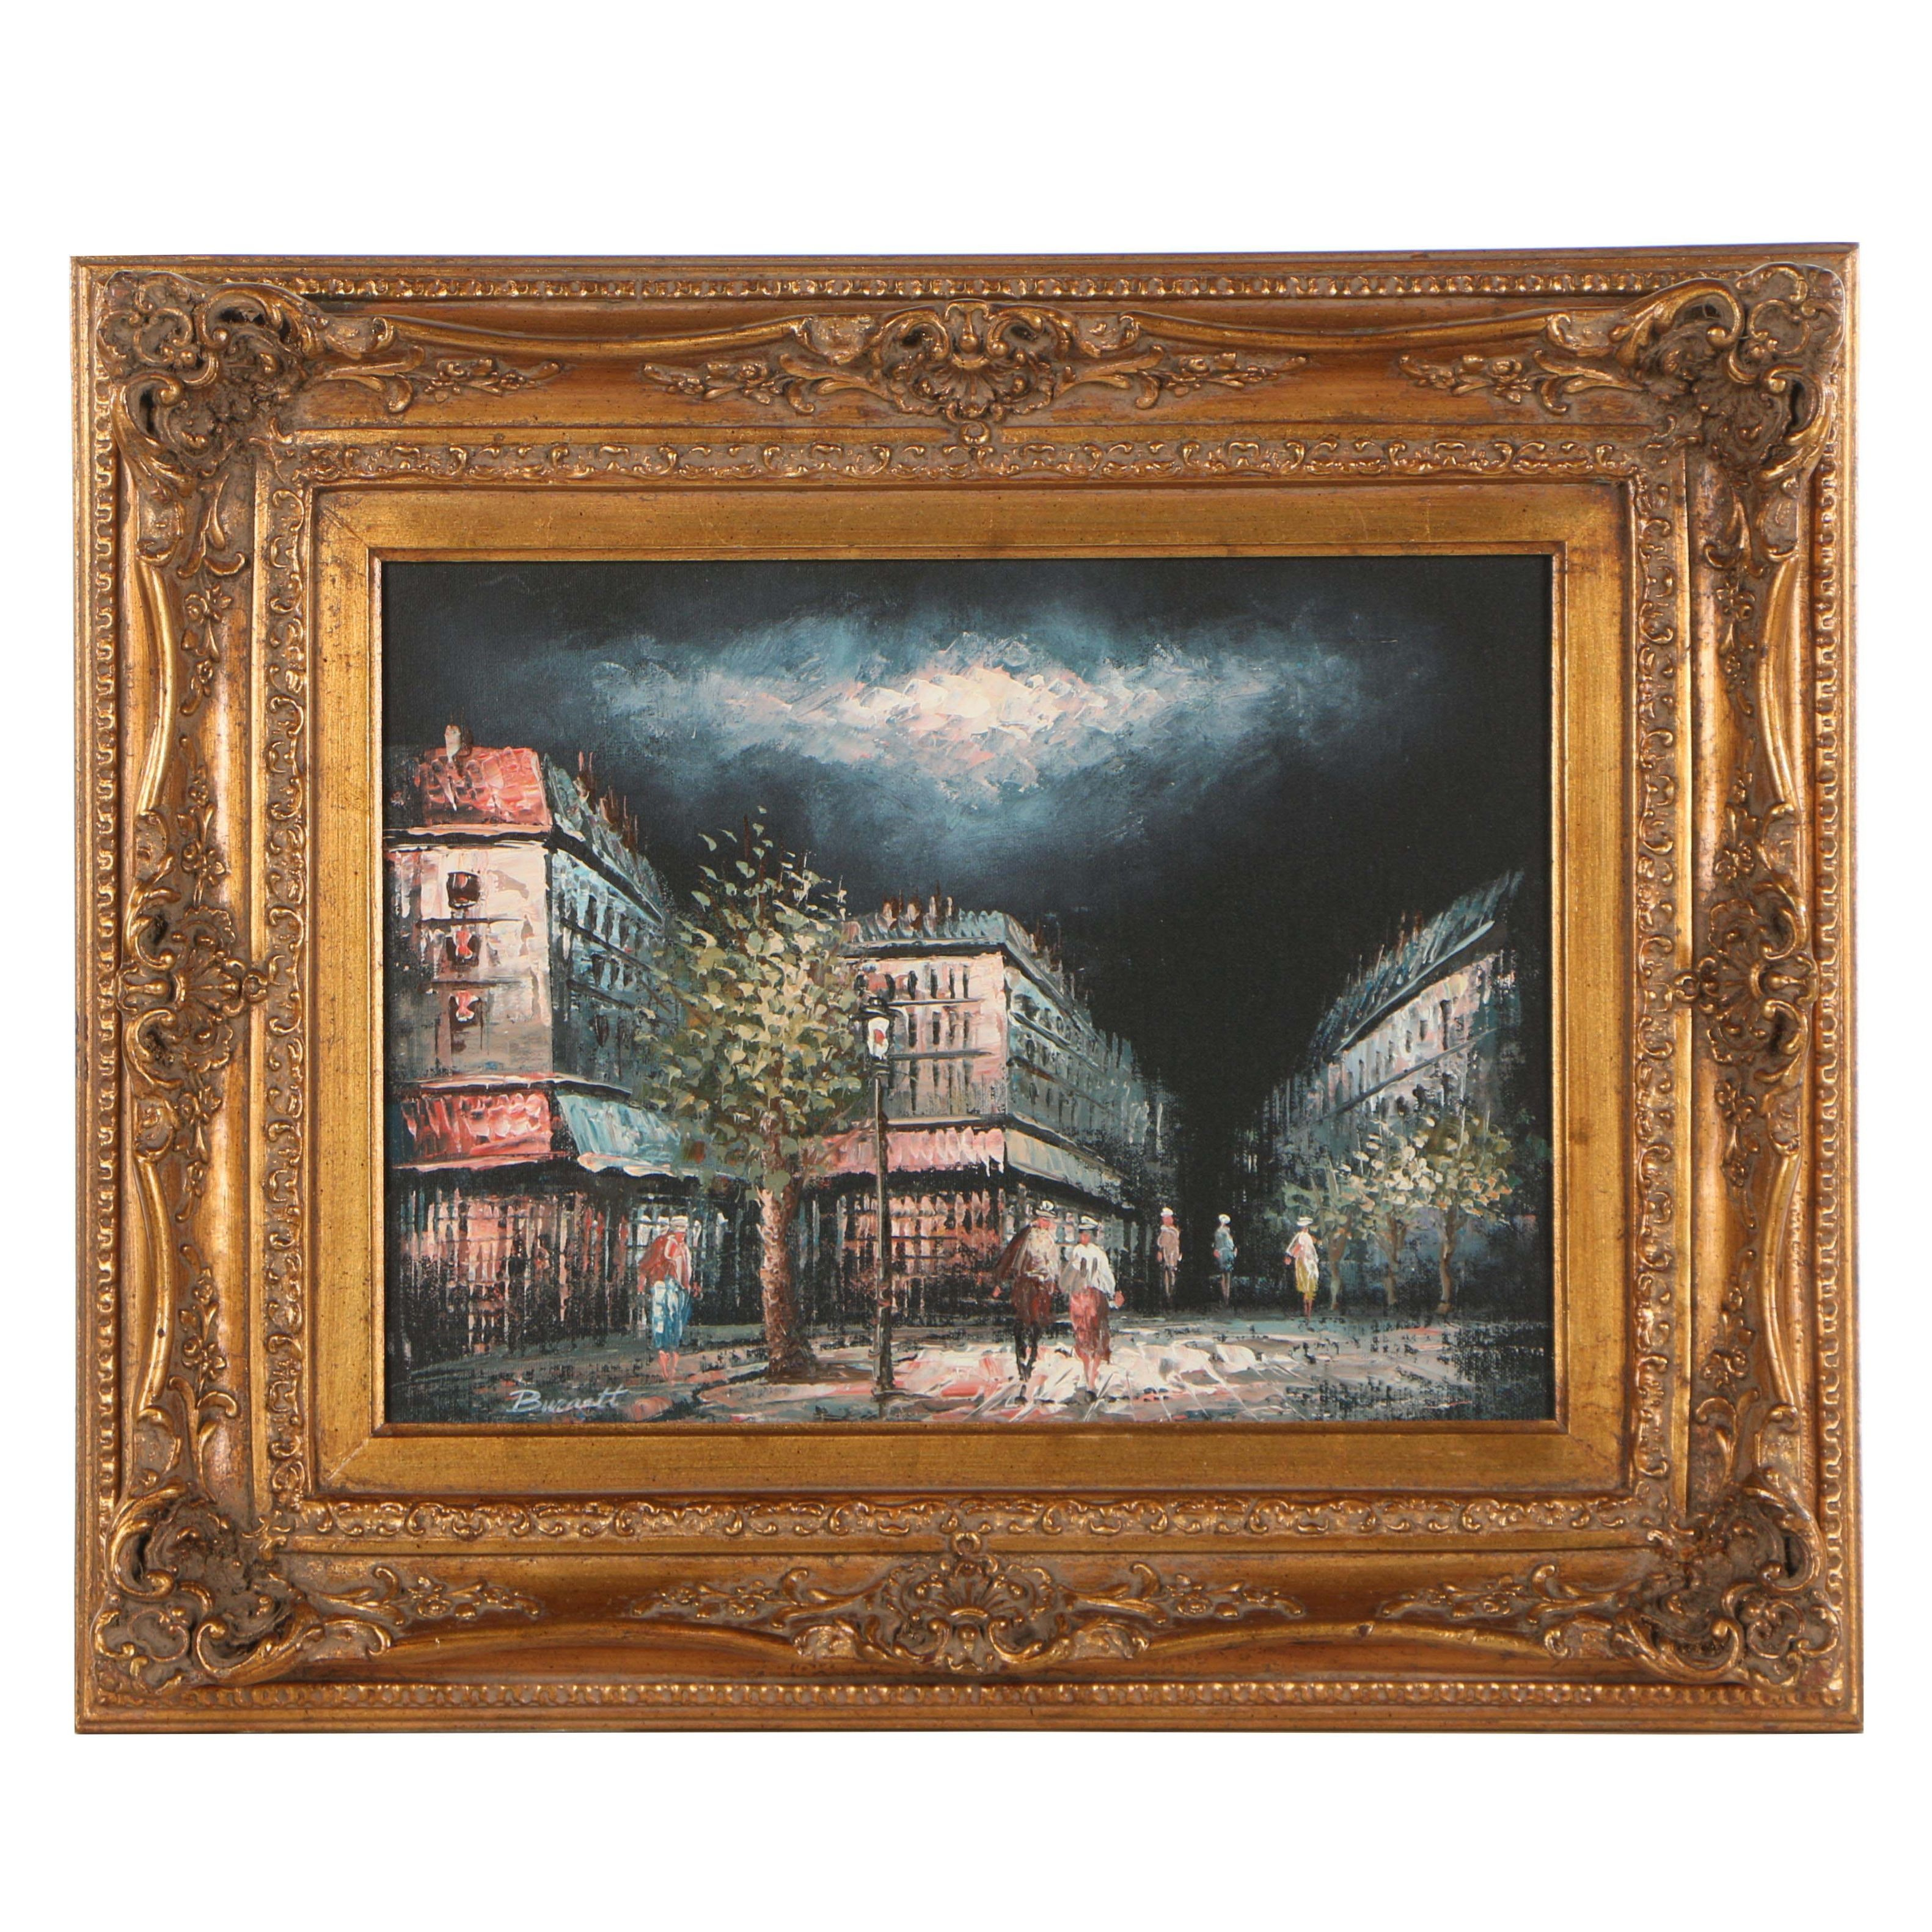 Nightfall Street Scene Oil Painting in the Manner of Caroline C. Burnett